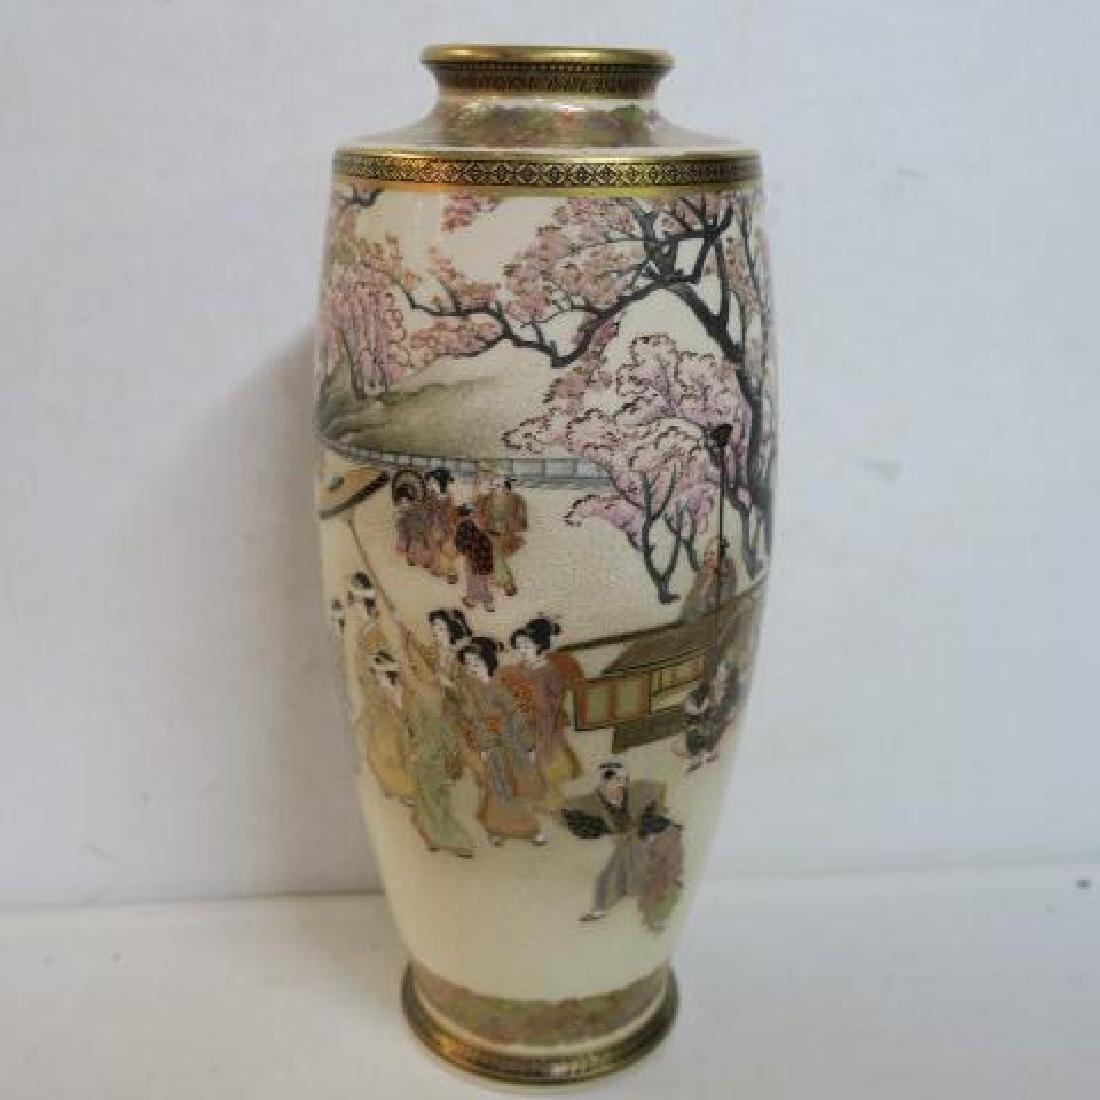 CA 1875 Signed Japanese Imperial Satsuma Vase: